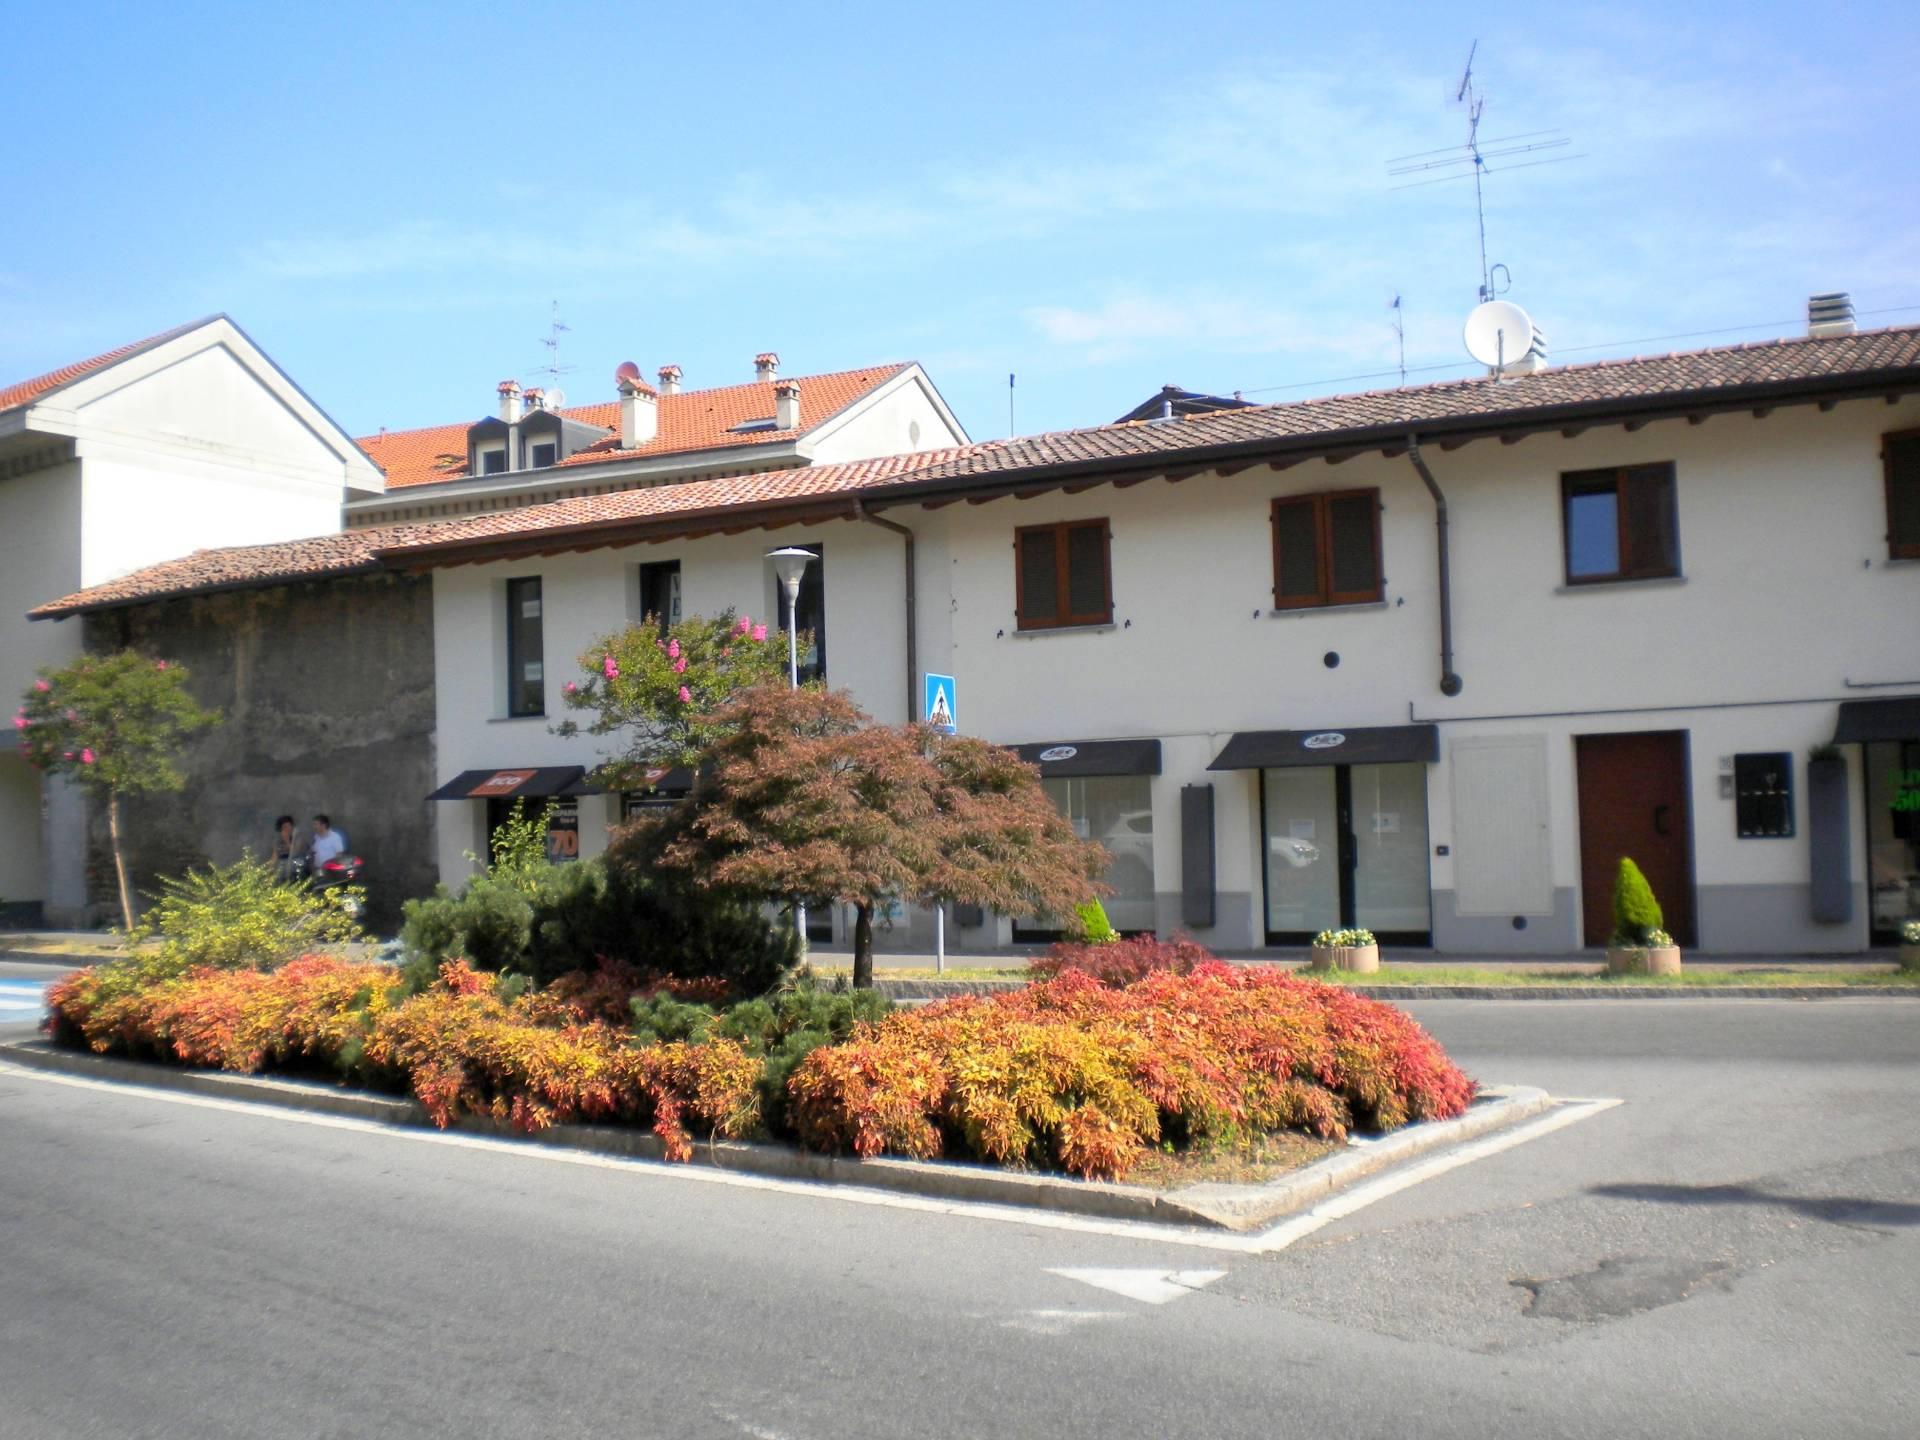 Ufficio / Studio in affitto a Trezzo sull'Adda, 9999 locali, prezzo € 500 | PortaleAgenzieImmobiliari.it